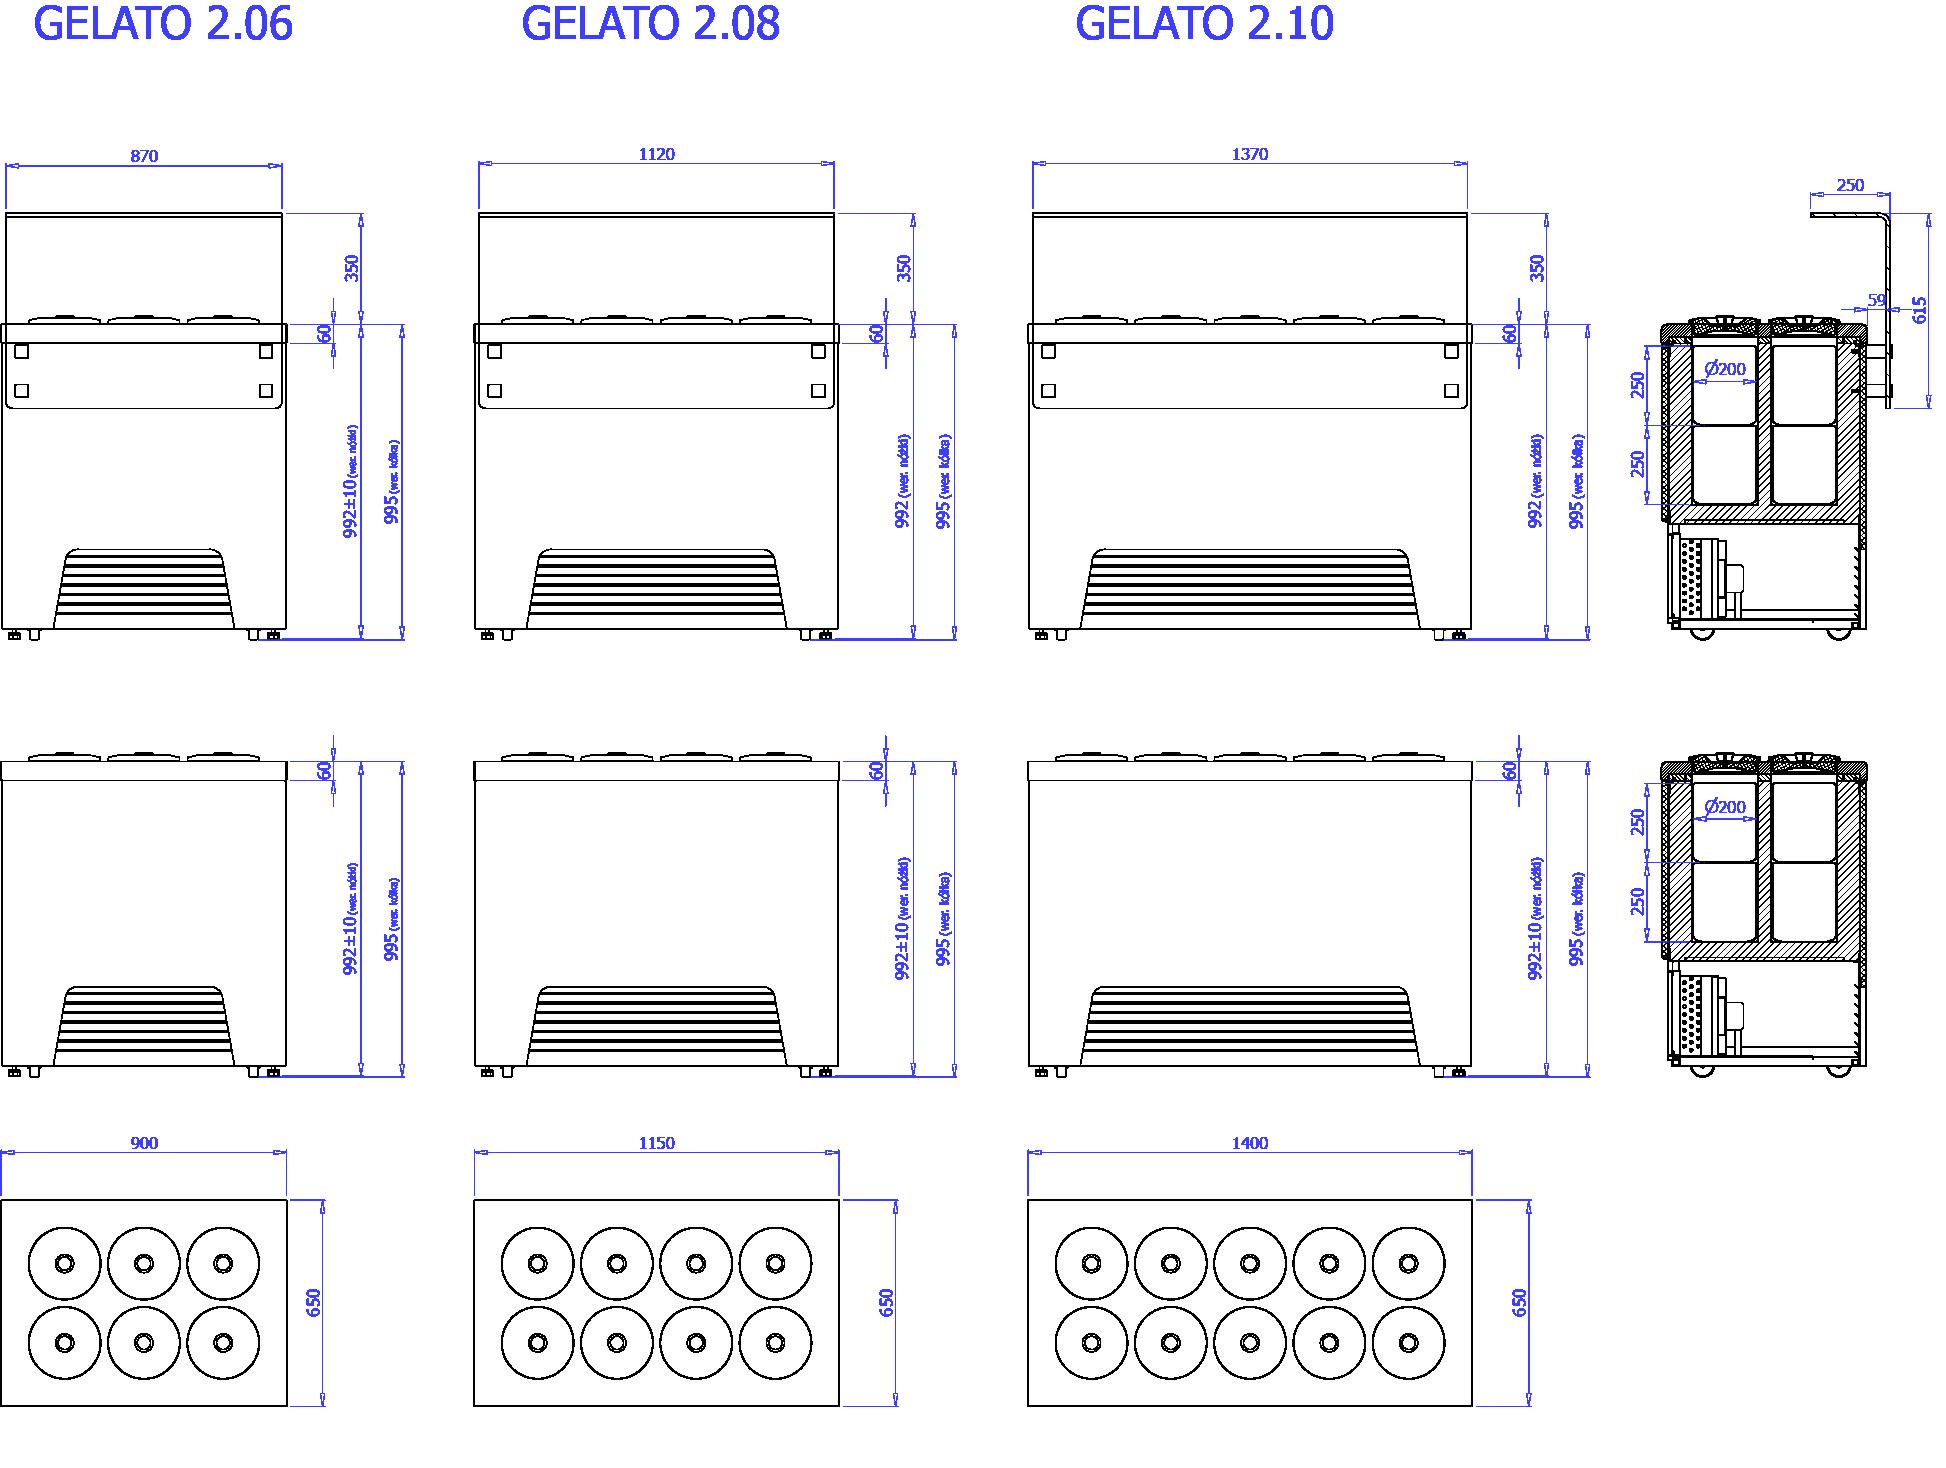 Technische Bezeichnung GELATO 2